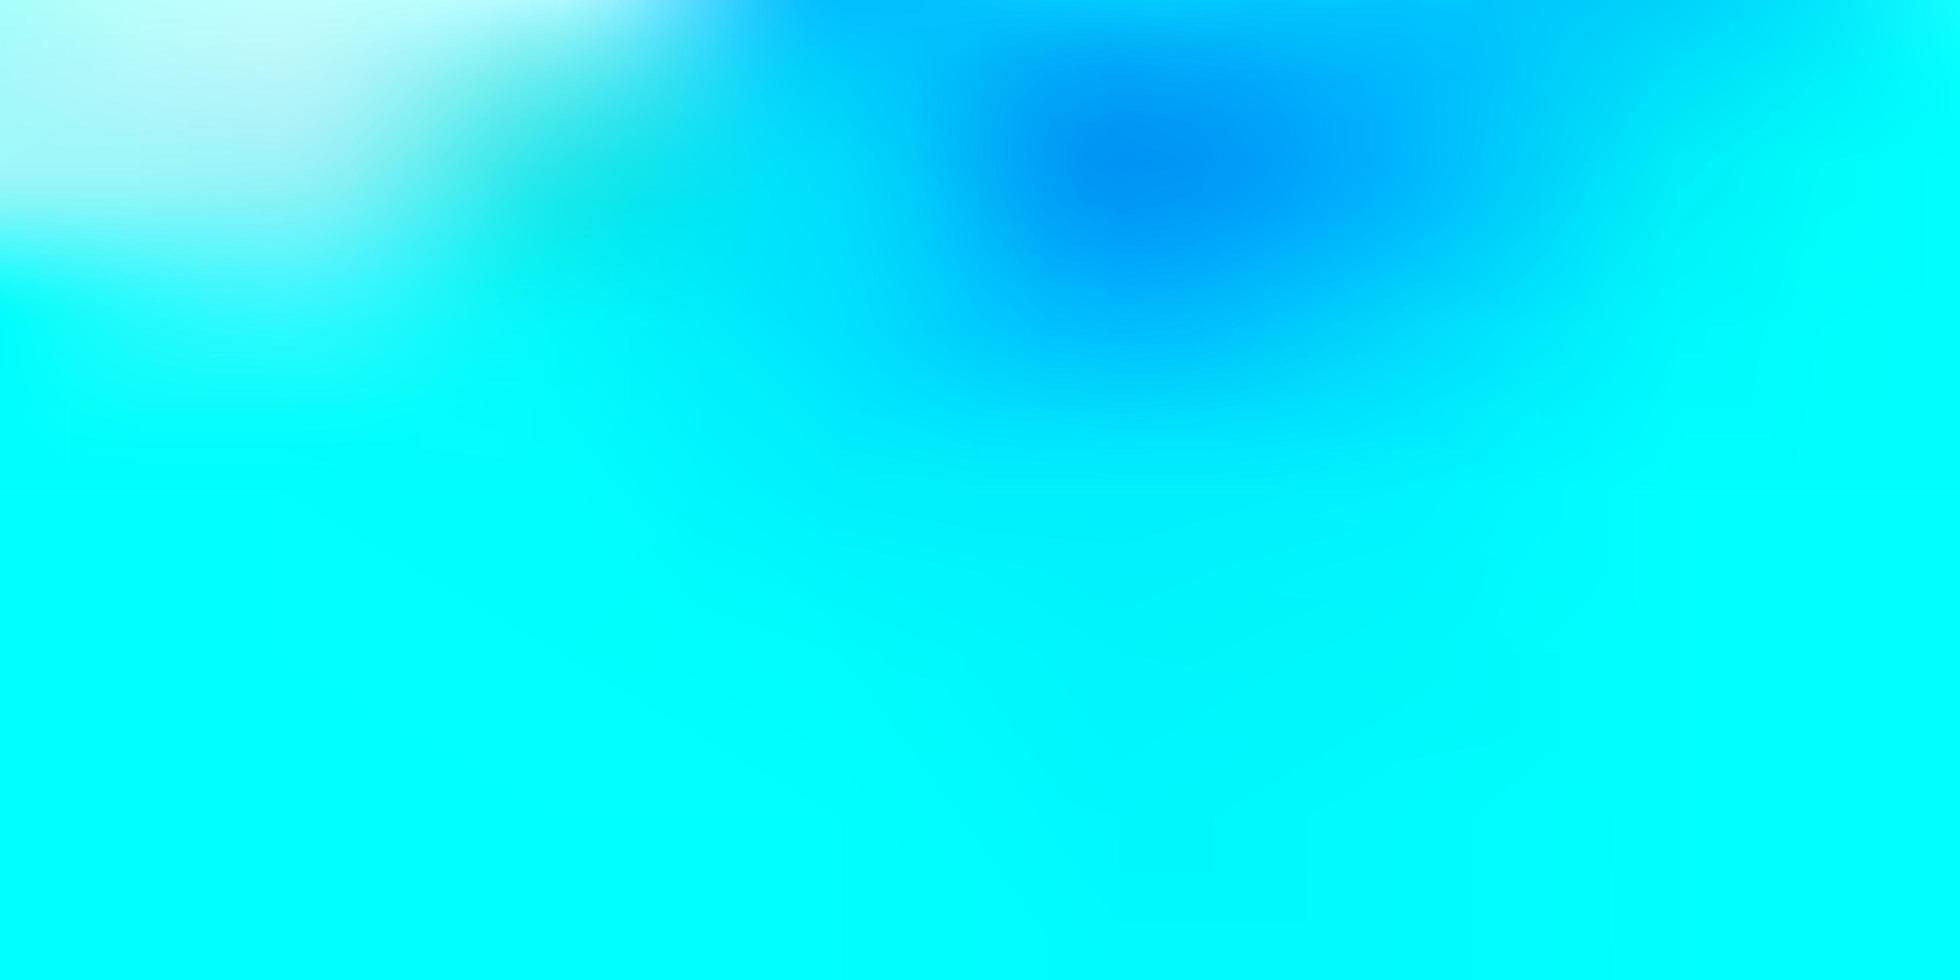 telón de fondo borroso vector azul claro.